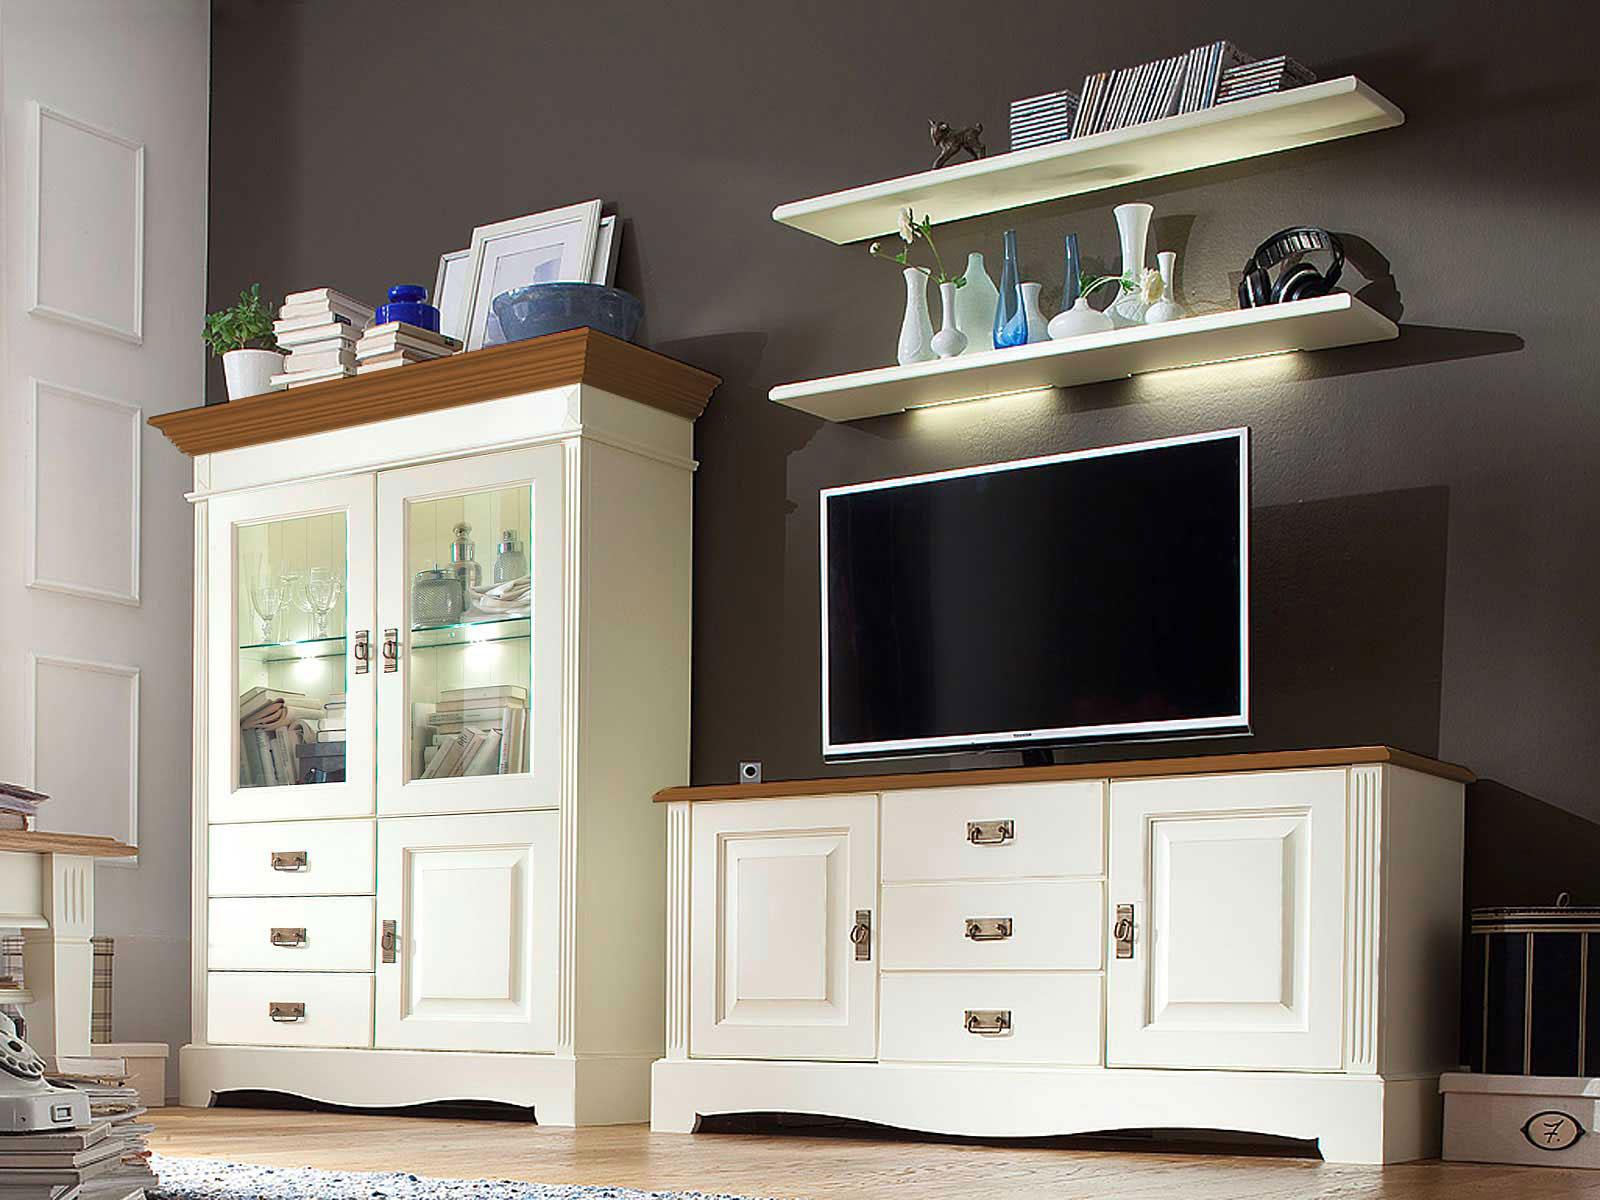 Fernsehschrank Set Wohnzimmer Padua 10-teilig B 2910 x H 10 x T 105 cm Pinie  Nordica massiv